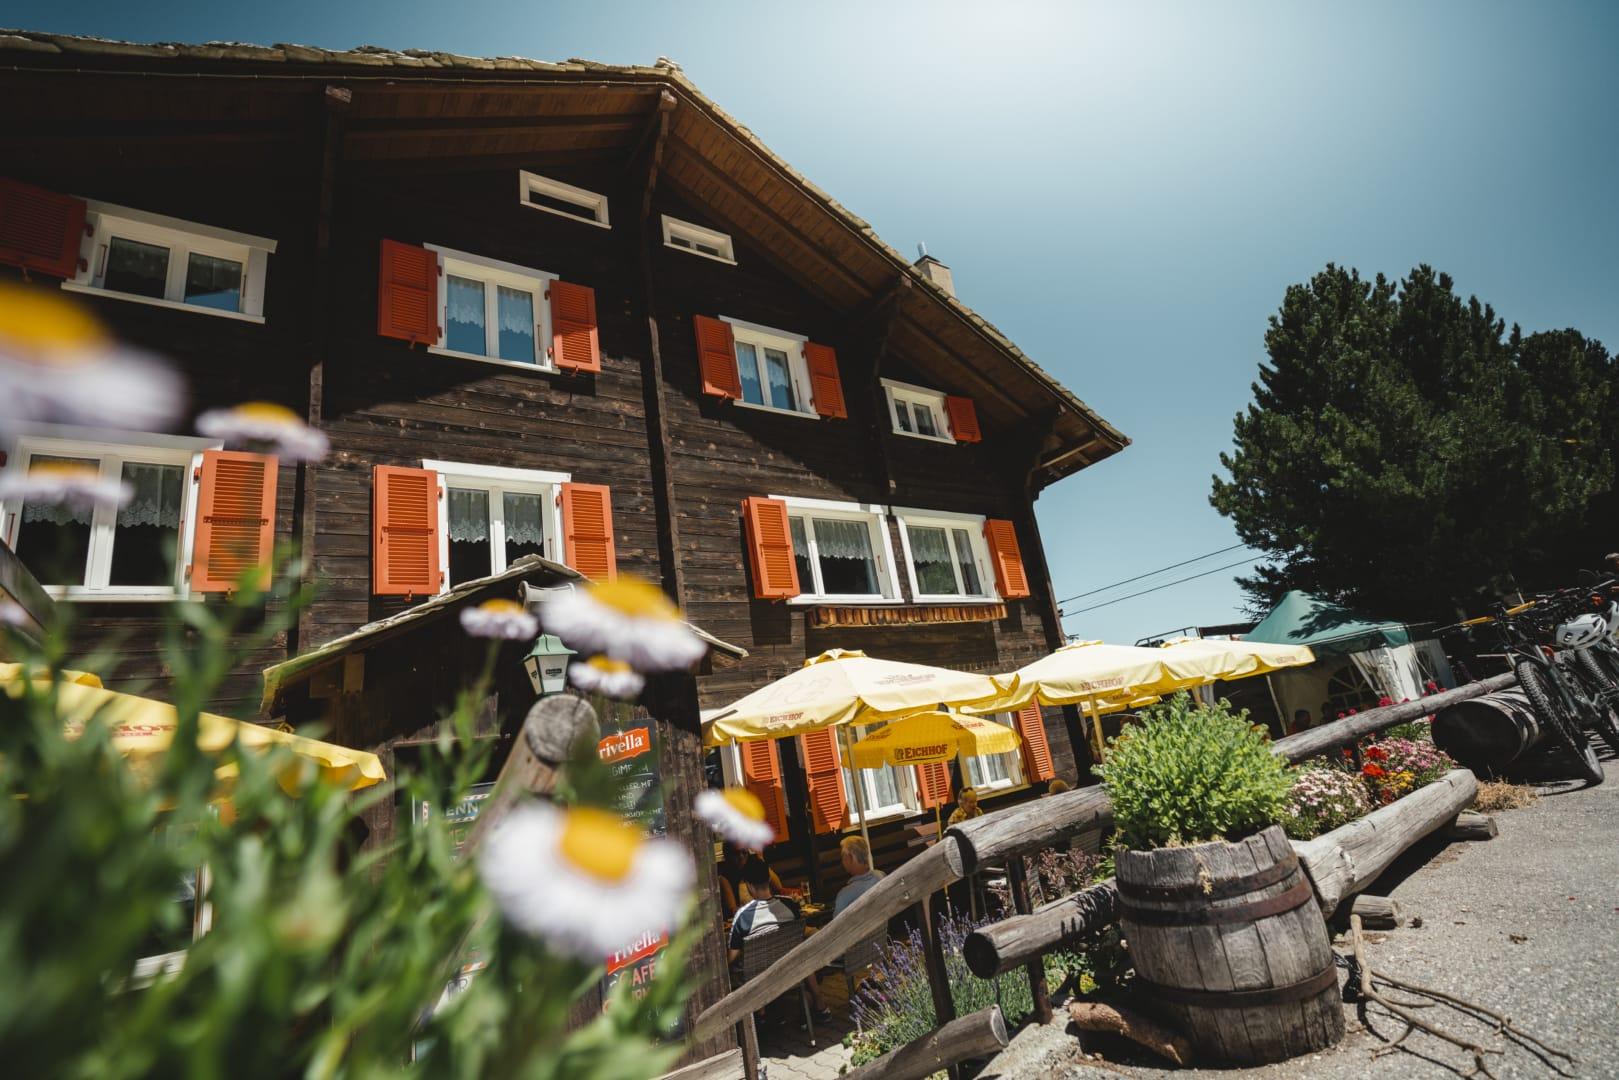 Bergrestaurant Alpenrösli Unterbäch